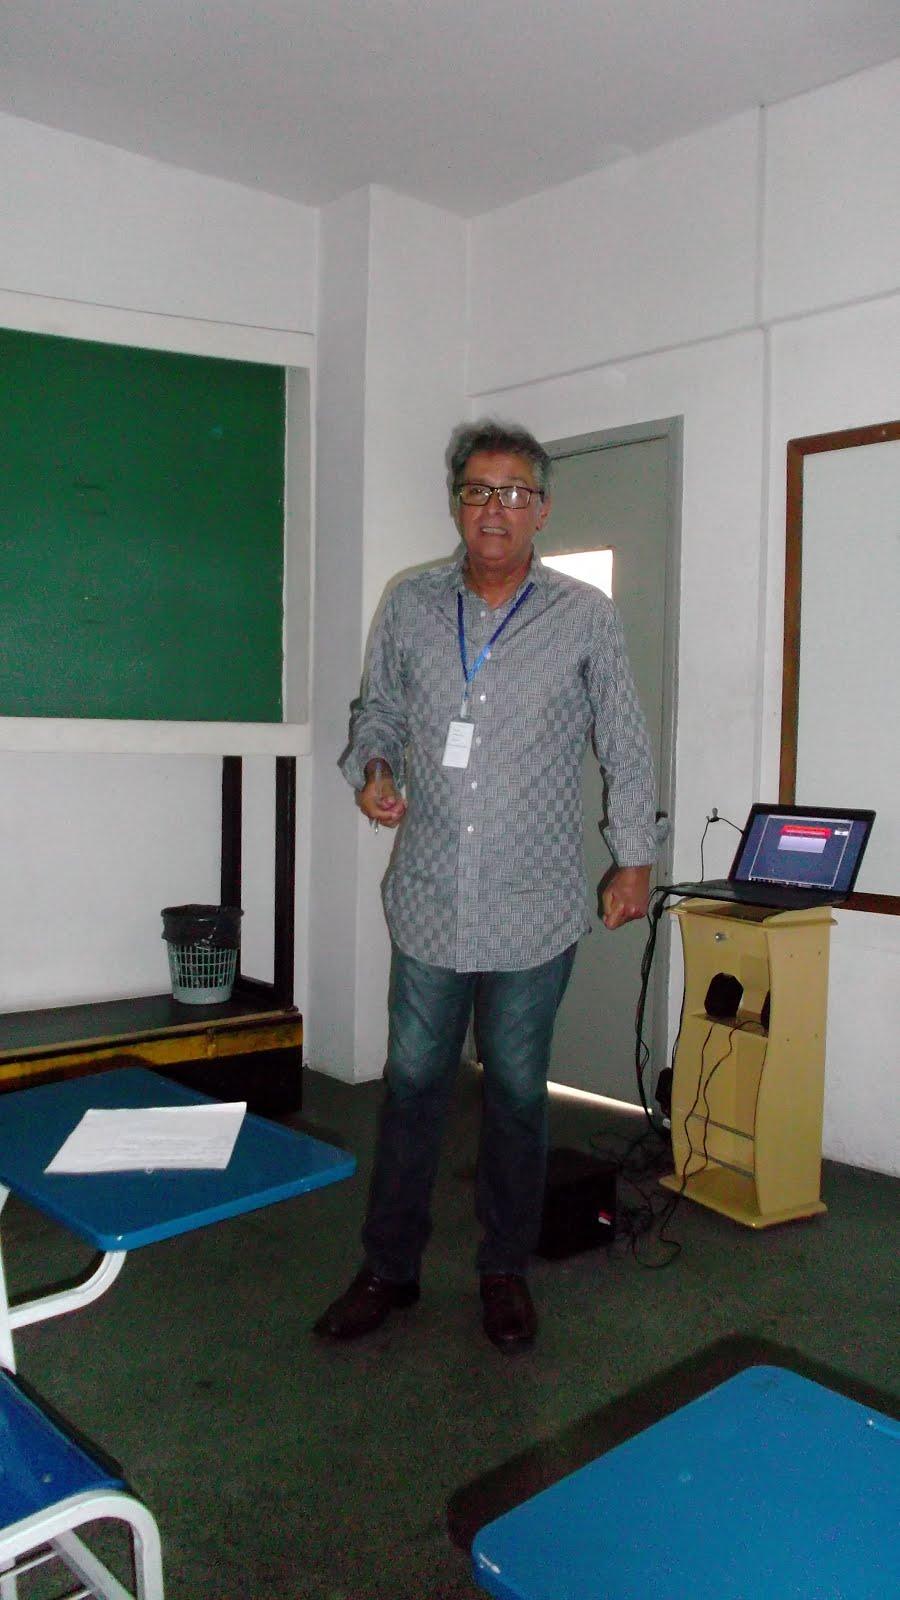 Aulas na Pós-Graduação (Faculdades Campos Elíseos)